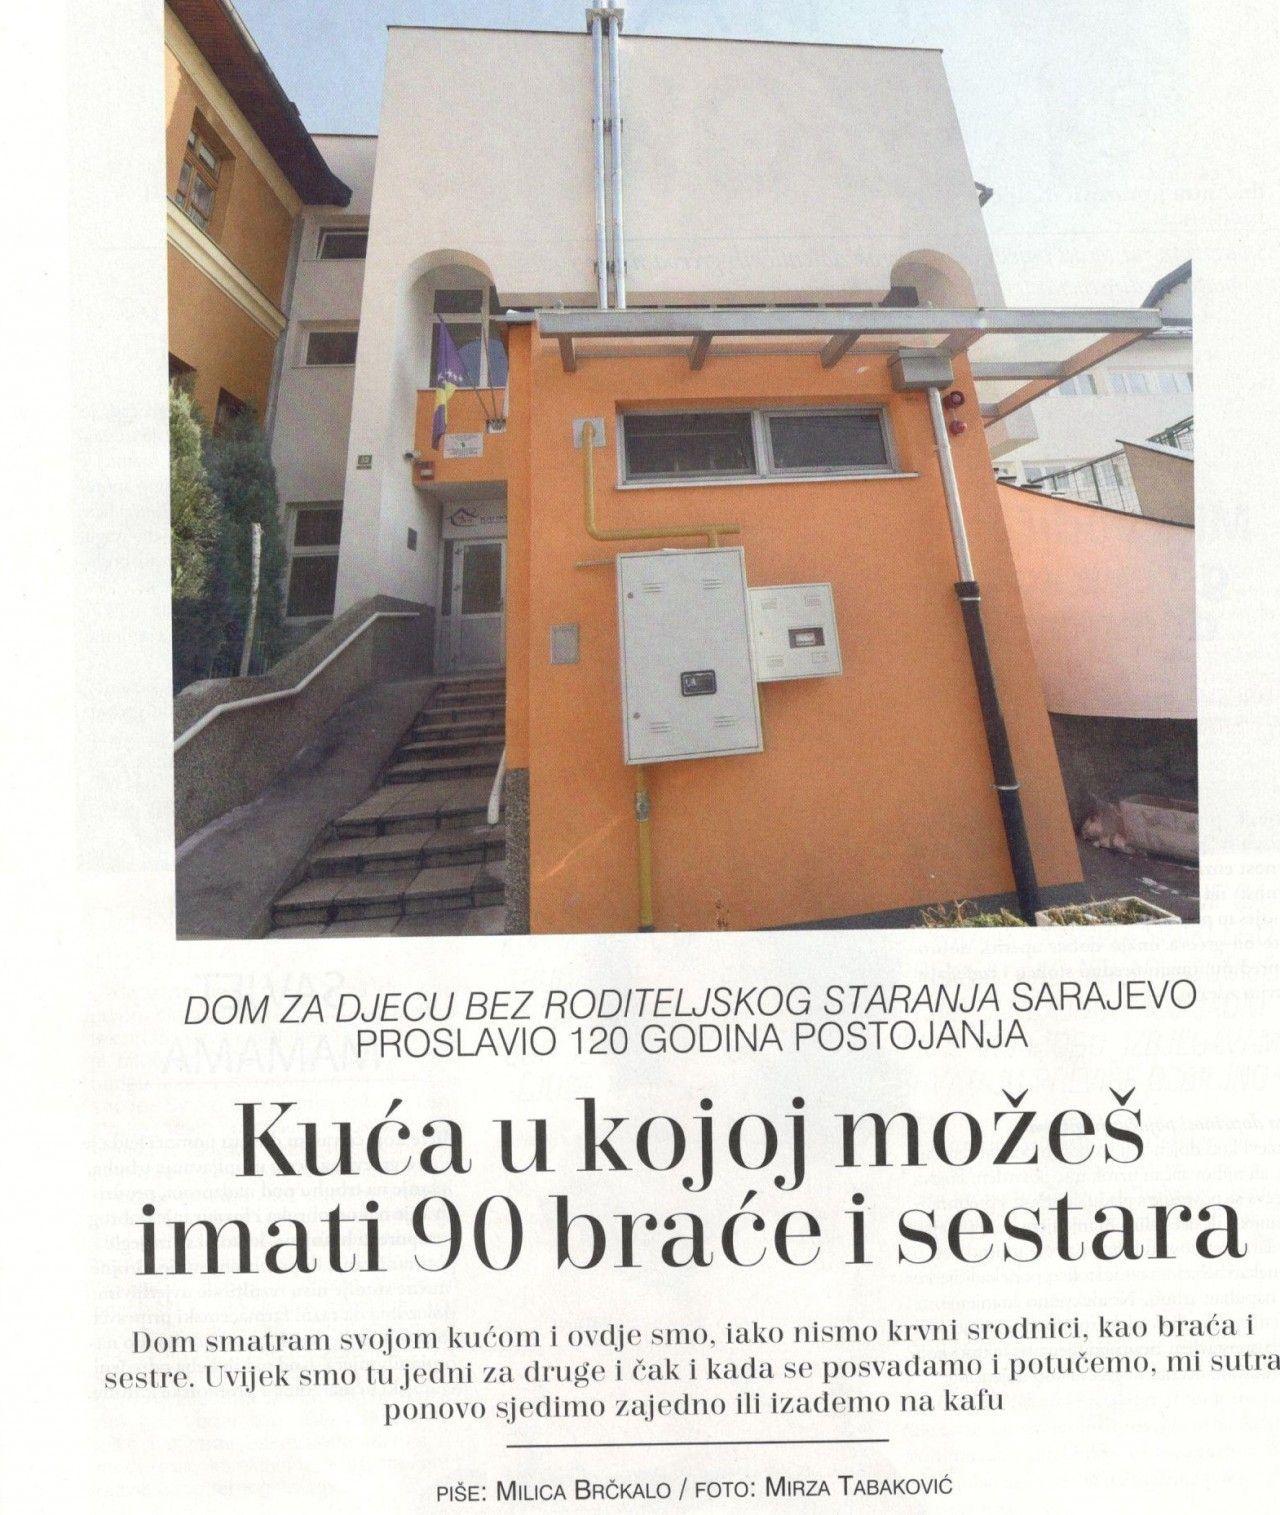 azra-casopis1.jpg